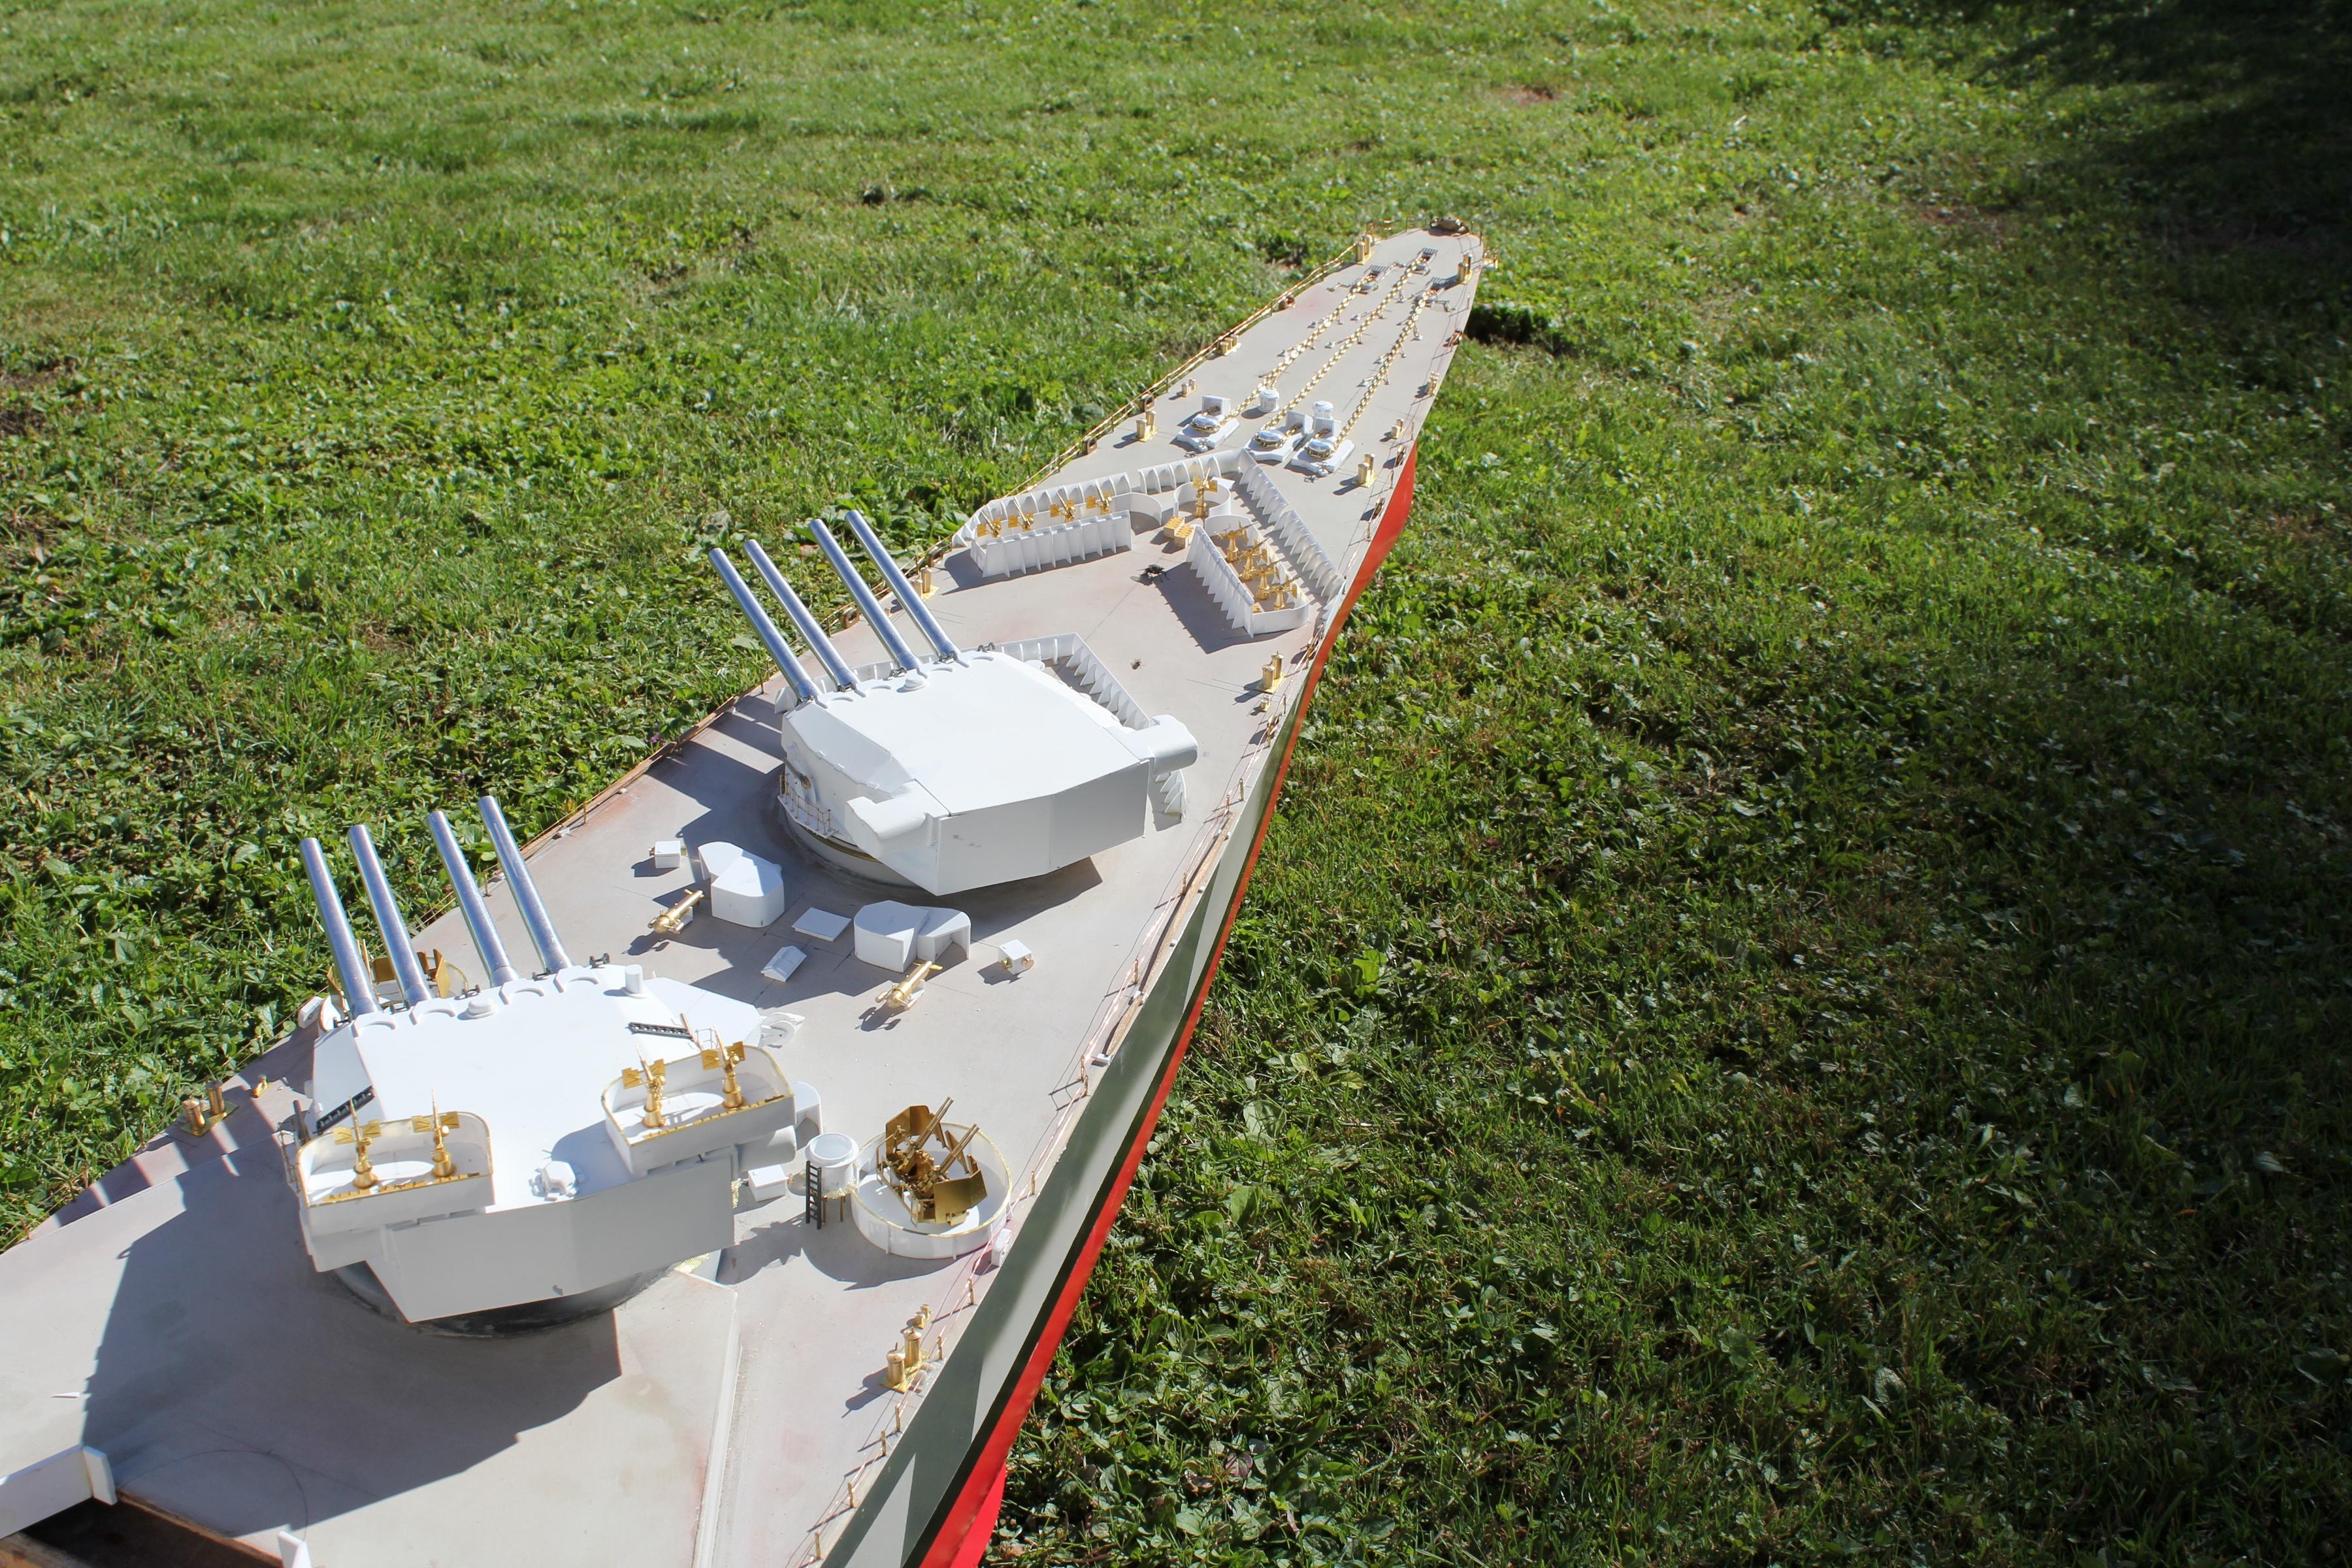 Cuirassé Richelieu 1/100 Vrsion 1943 sur plans Polonais et Sarnet + Dumas 383616IMG05943600x2400